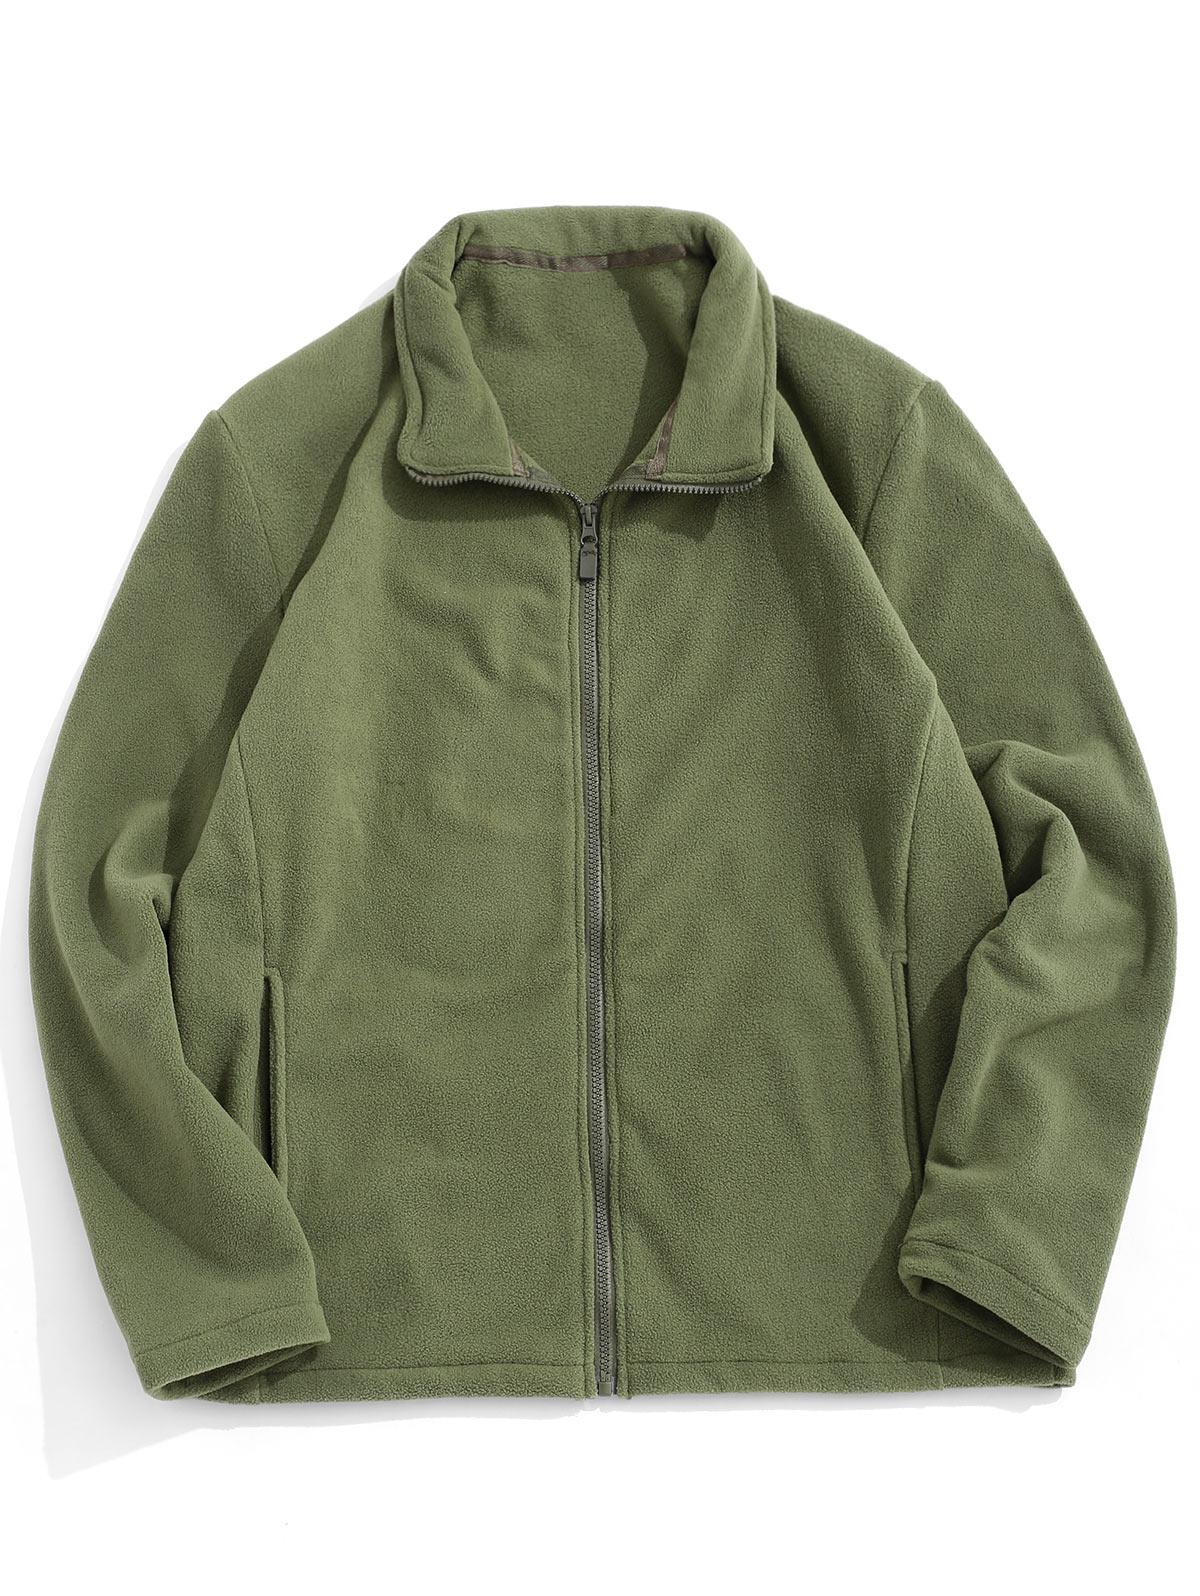 Zaful Polar Fleece Jacket